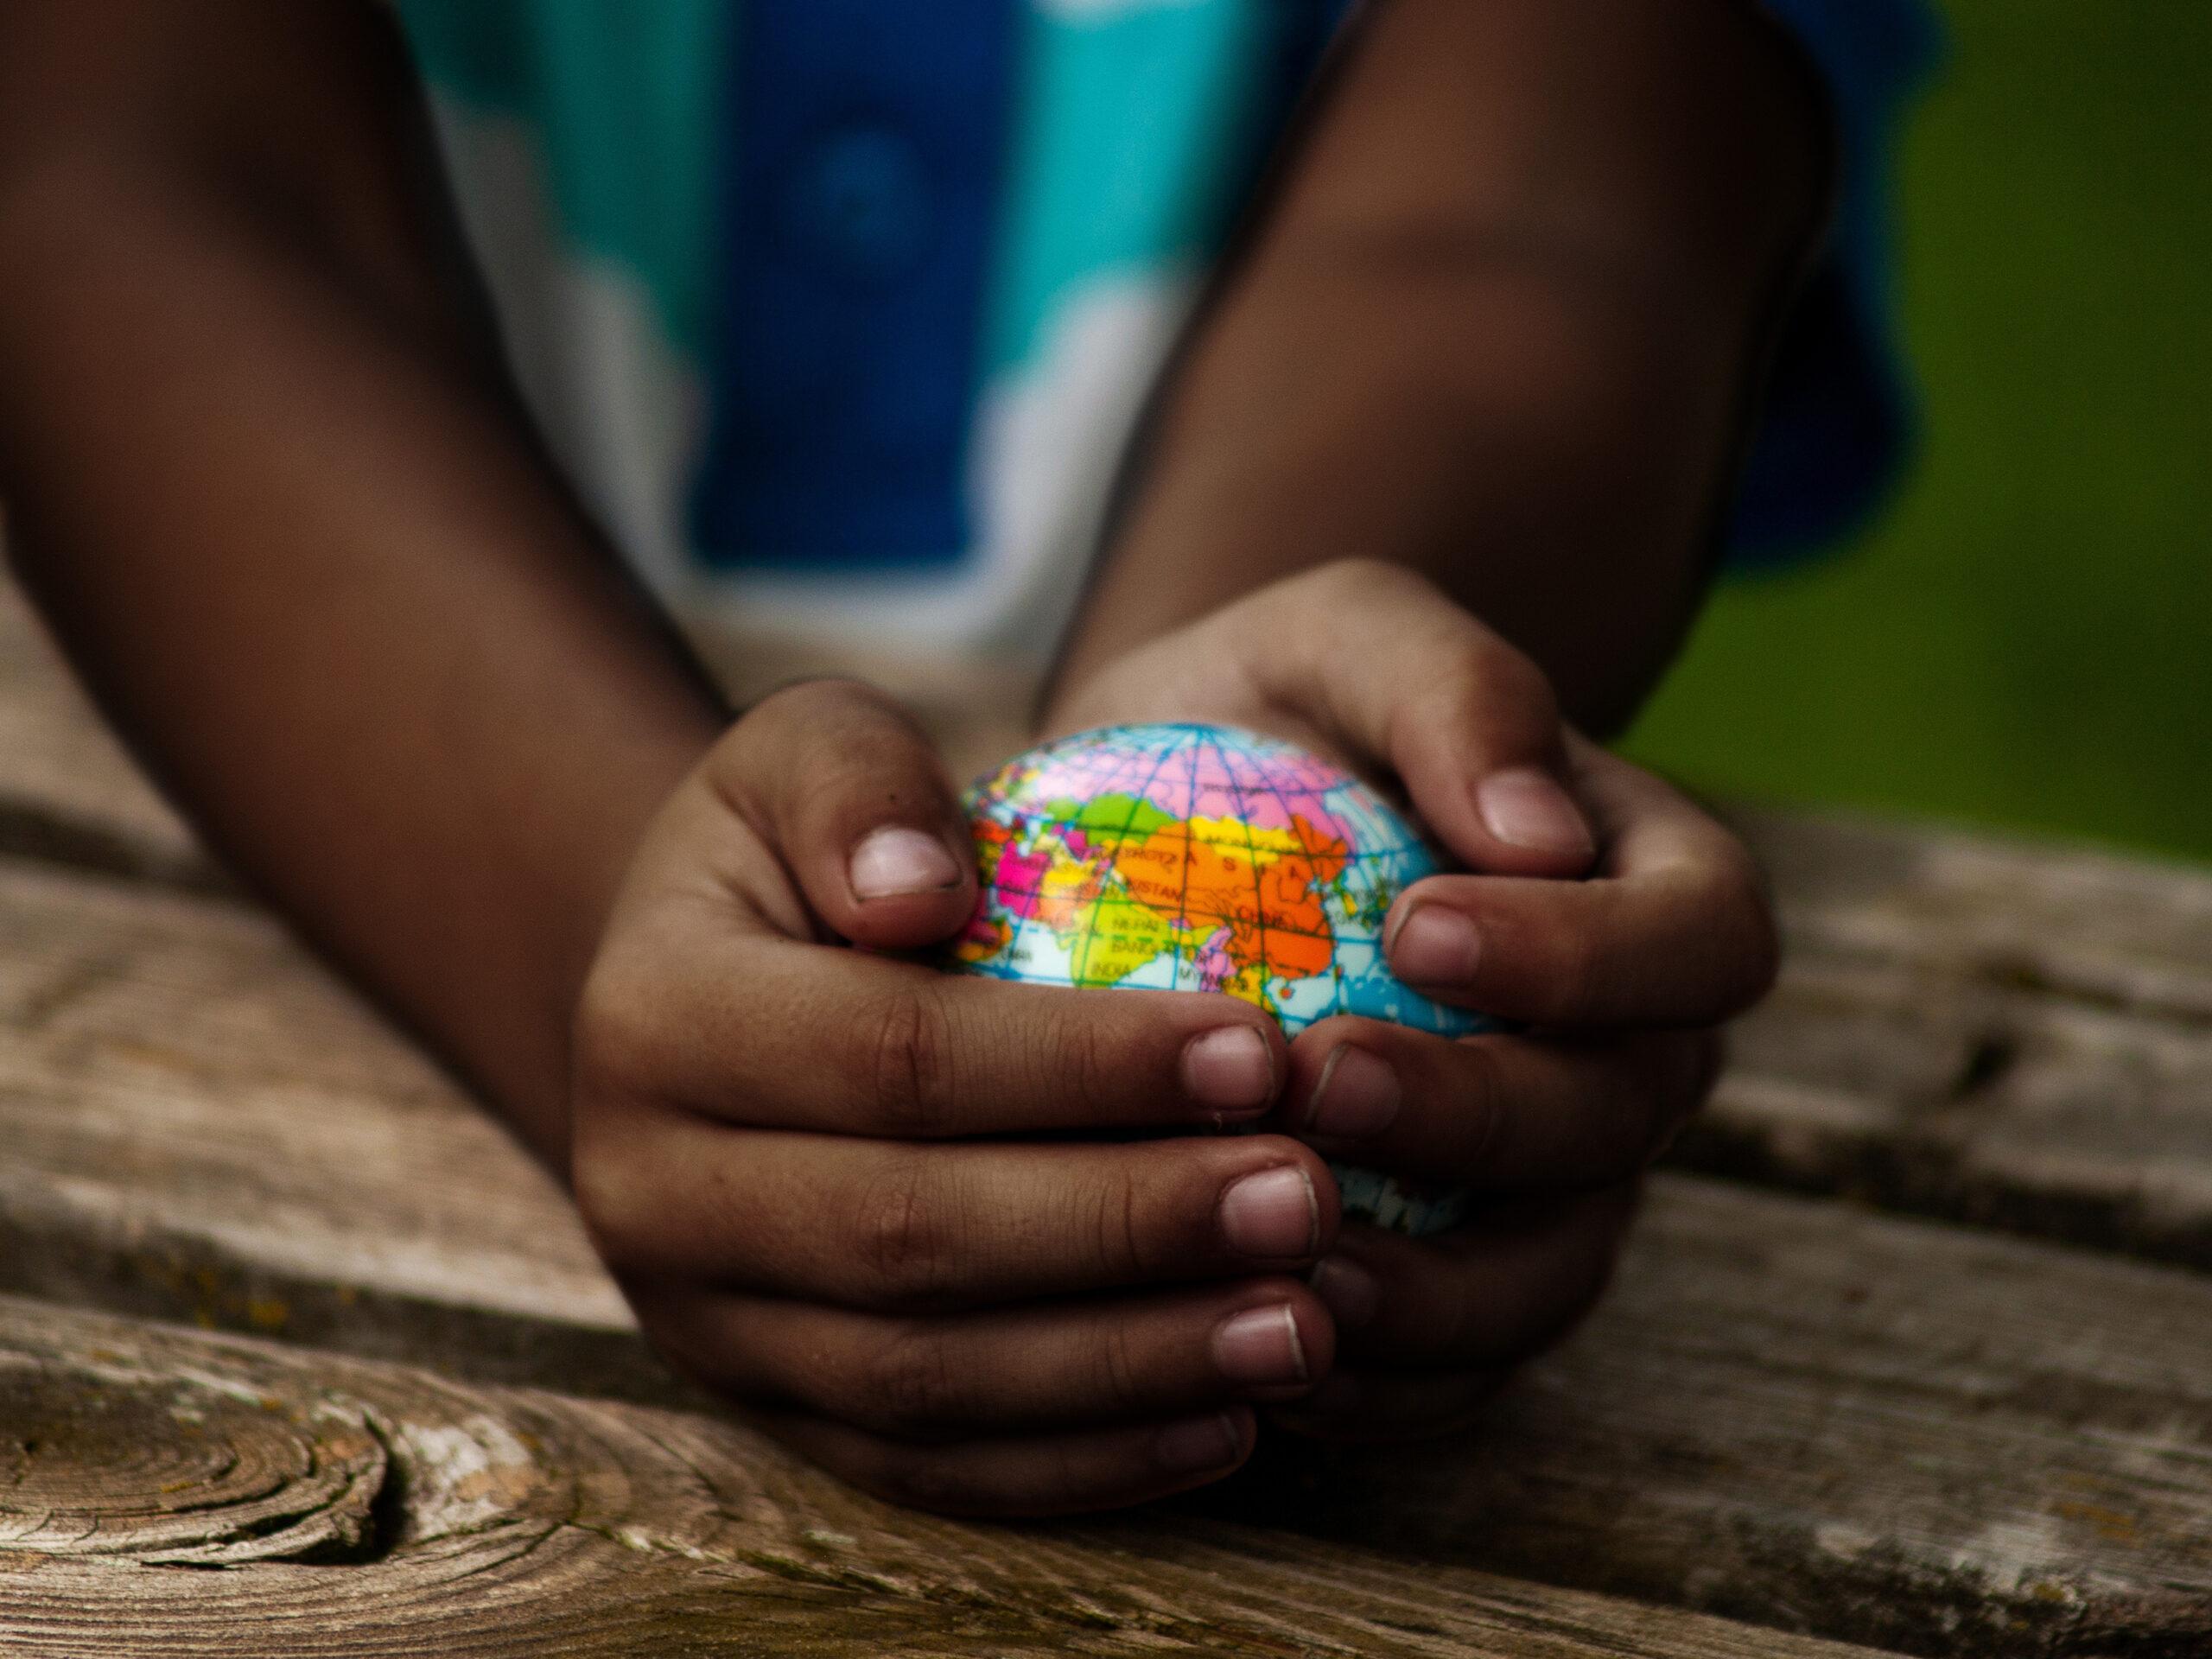 Un enfant tient un petit globe dans ses mains